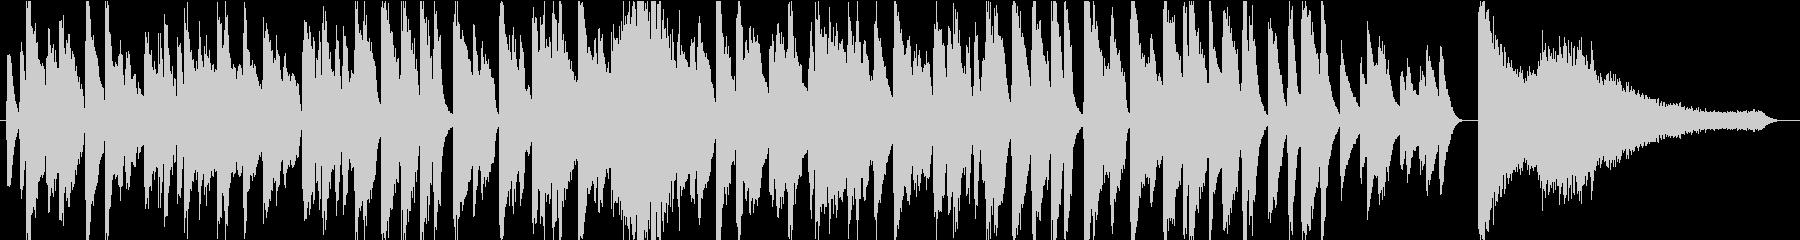 ハッピーバースデートゥーユー JAZZの未再生の波形